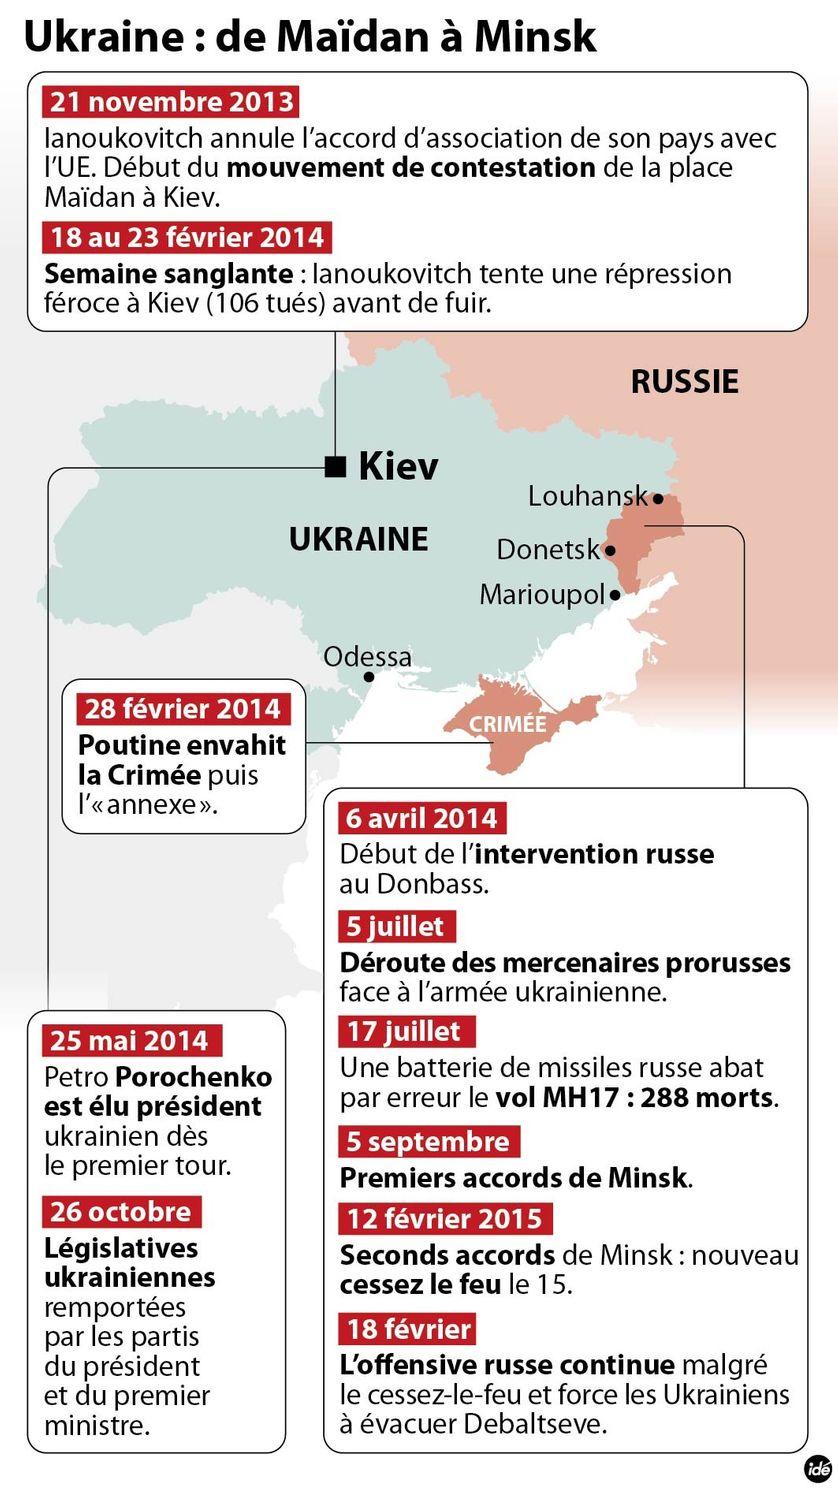 Ukraine : de Maïdan à l'échec de Minsk 2. Infographie publiée le 20 février 2015